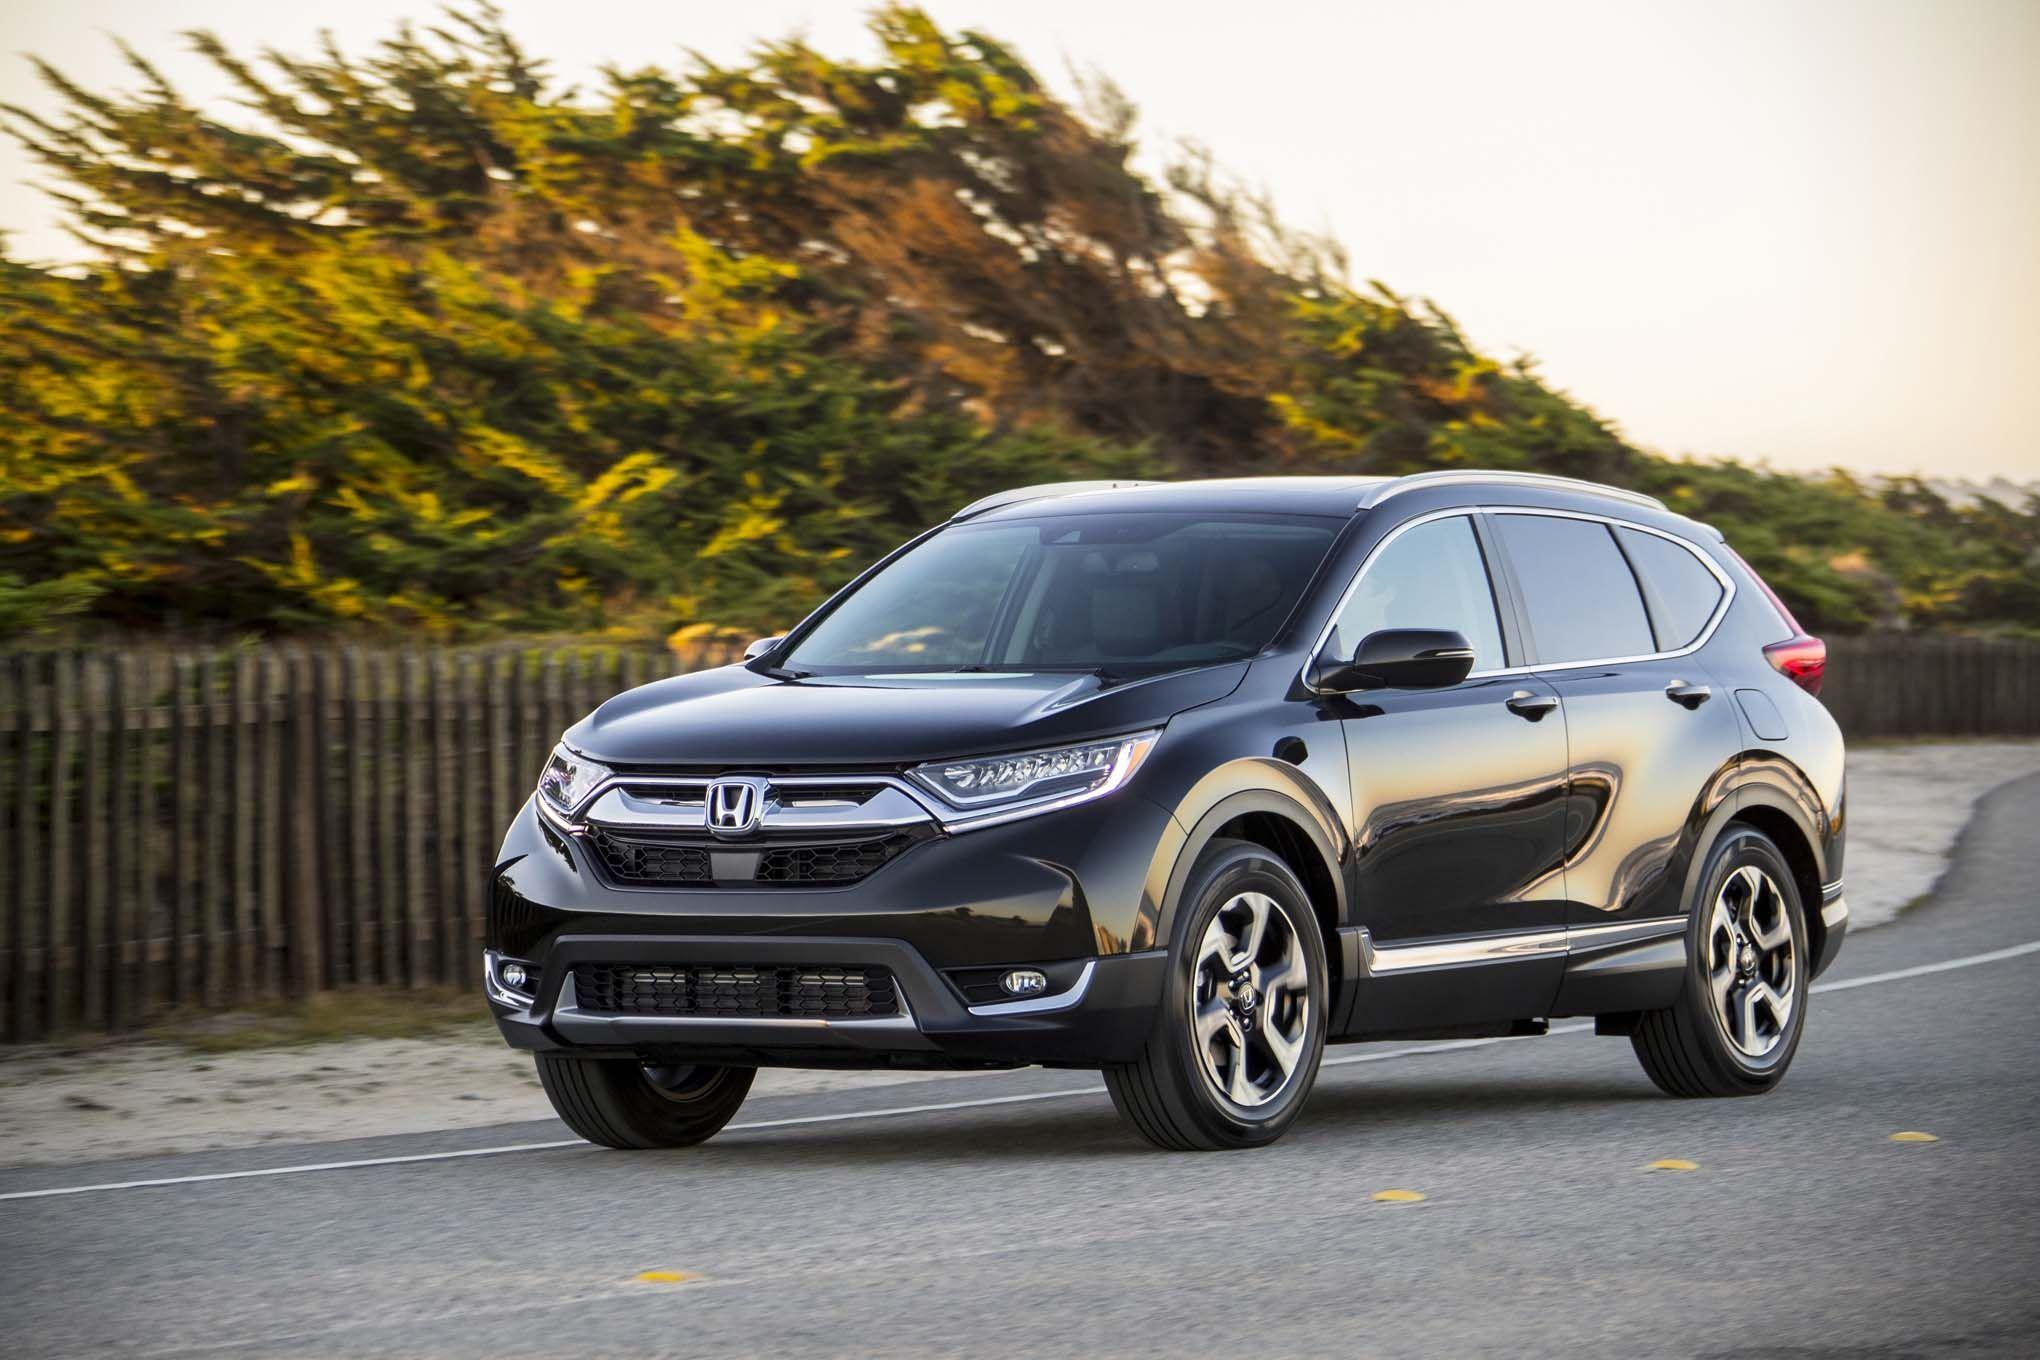 Honda CRV 2017, được tạp chí Motortrend bình chọn là